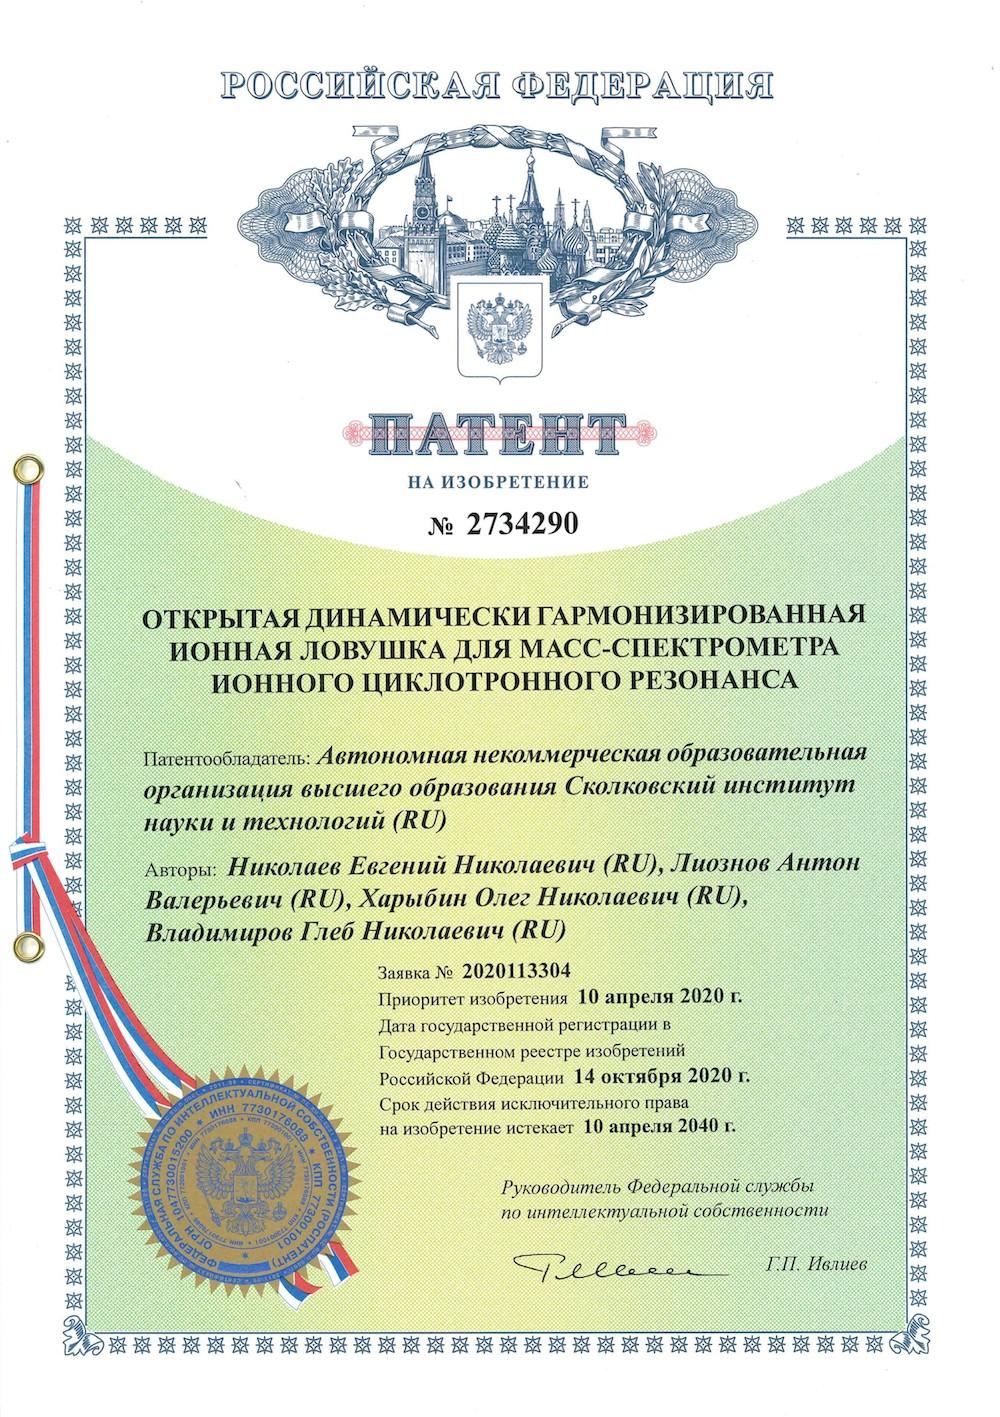 snimok-ekrana-2020-11-20-v-11-52-11